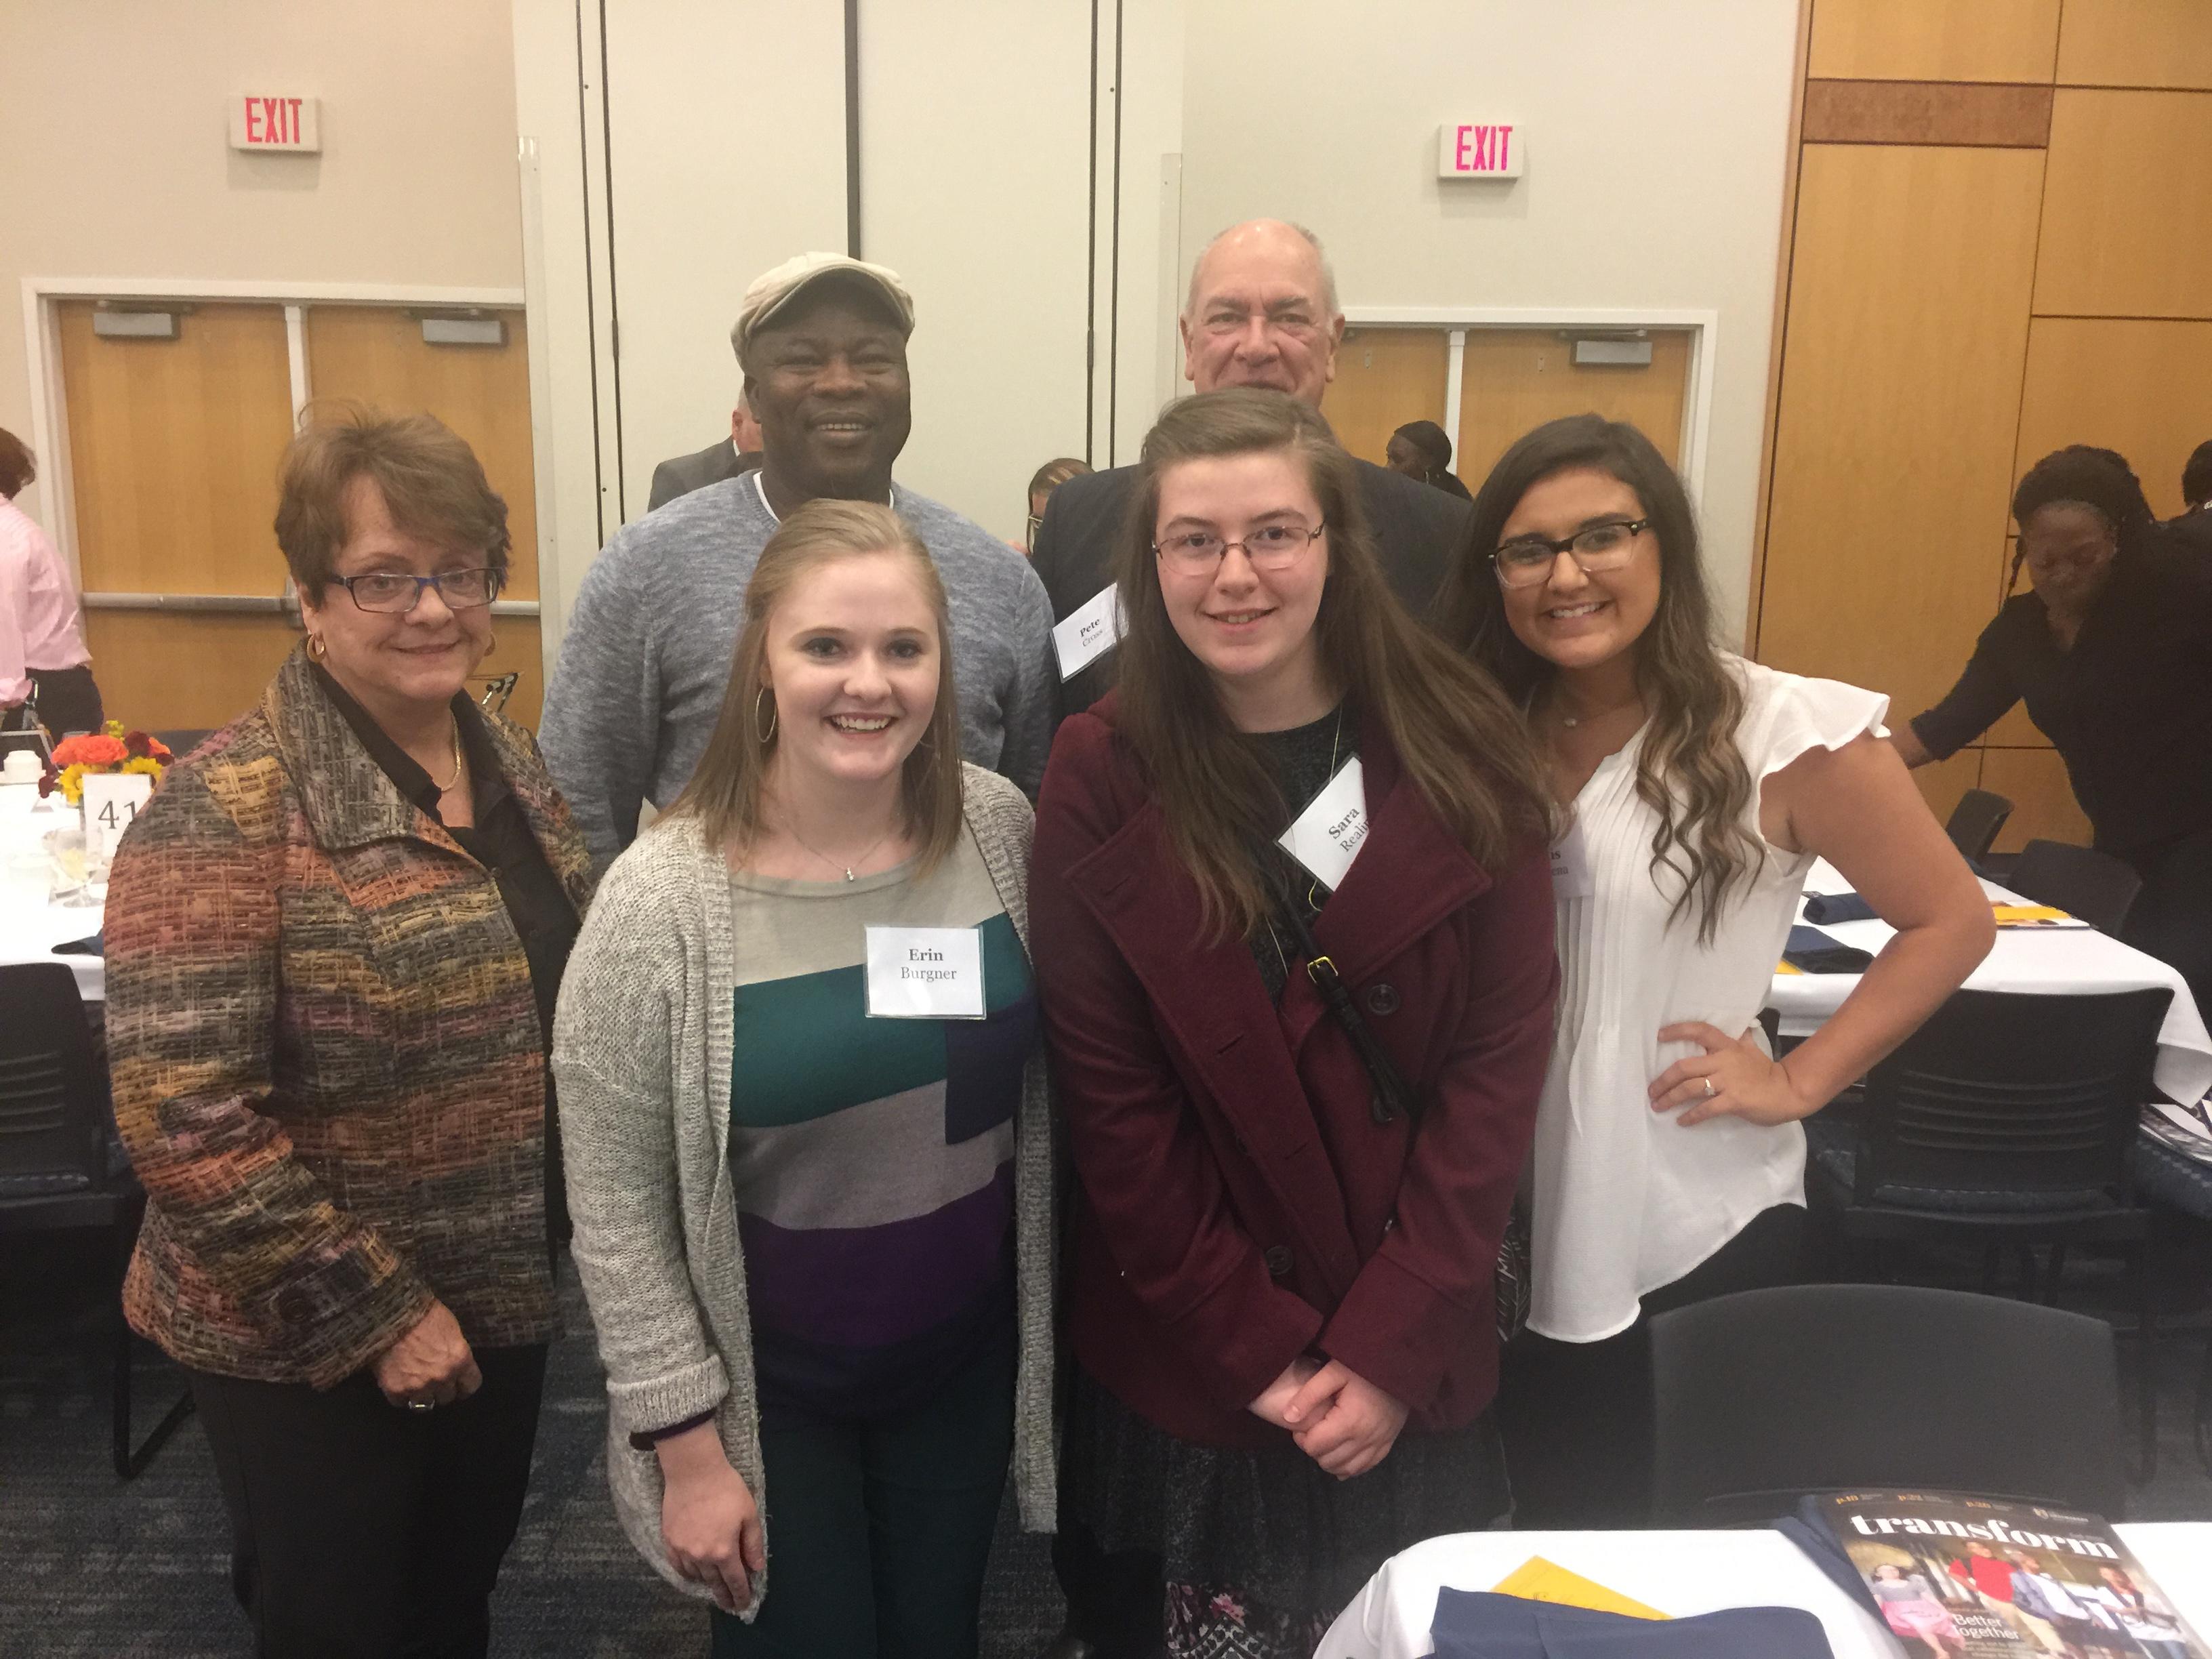 Cross Scholarship recipients